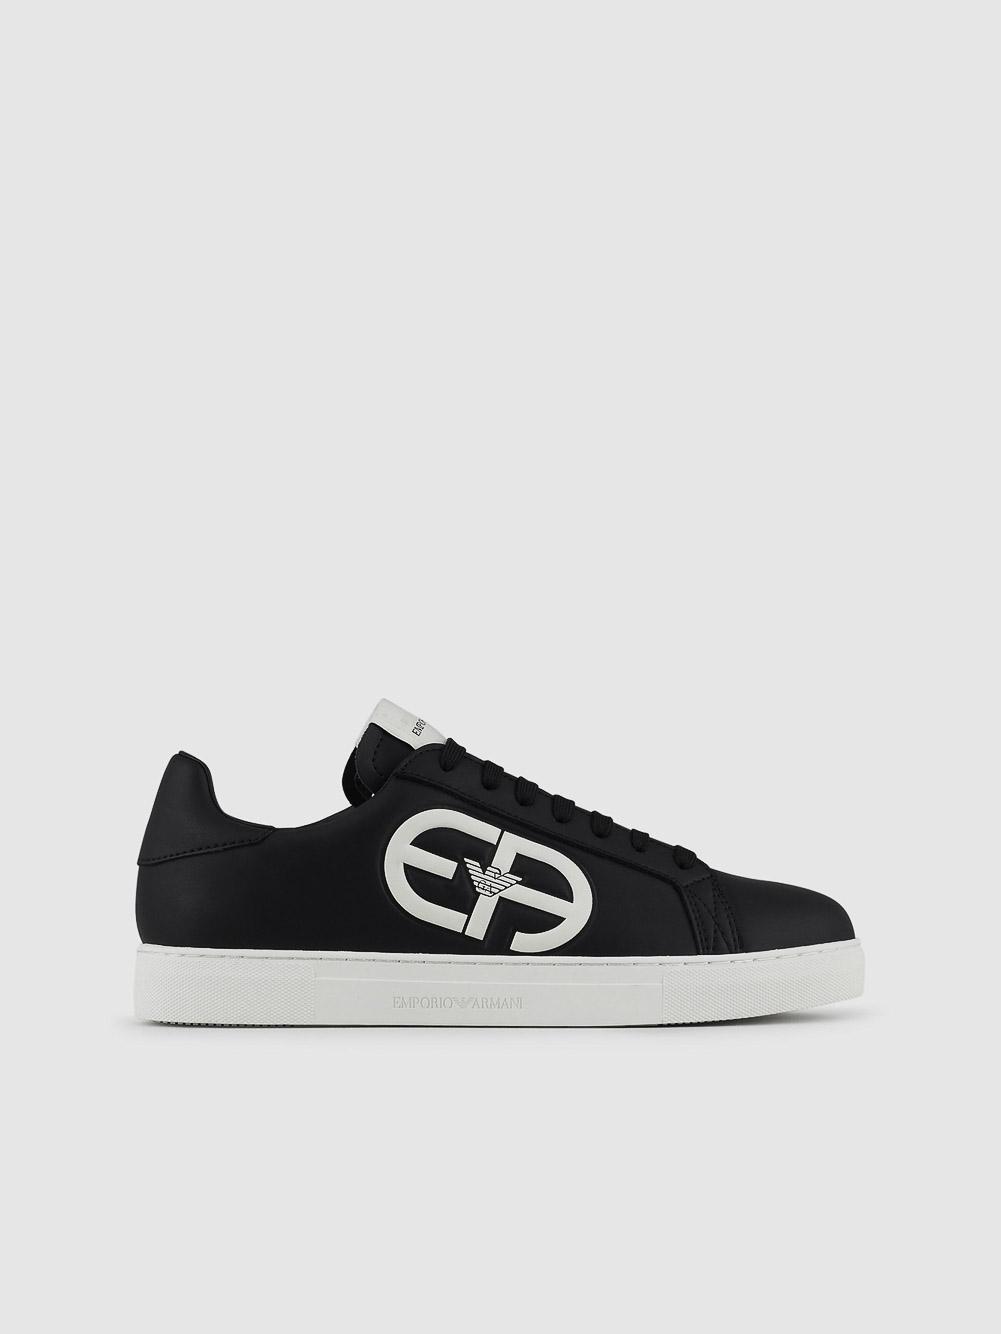 EMPORIO ARMANI Παπούτσια Sneaker X4X540XM782-N814 ΜΑΥΡΟ ΛΕΥΚΟ